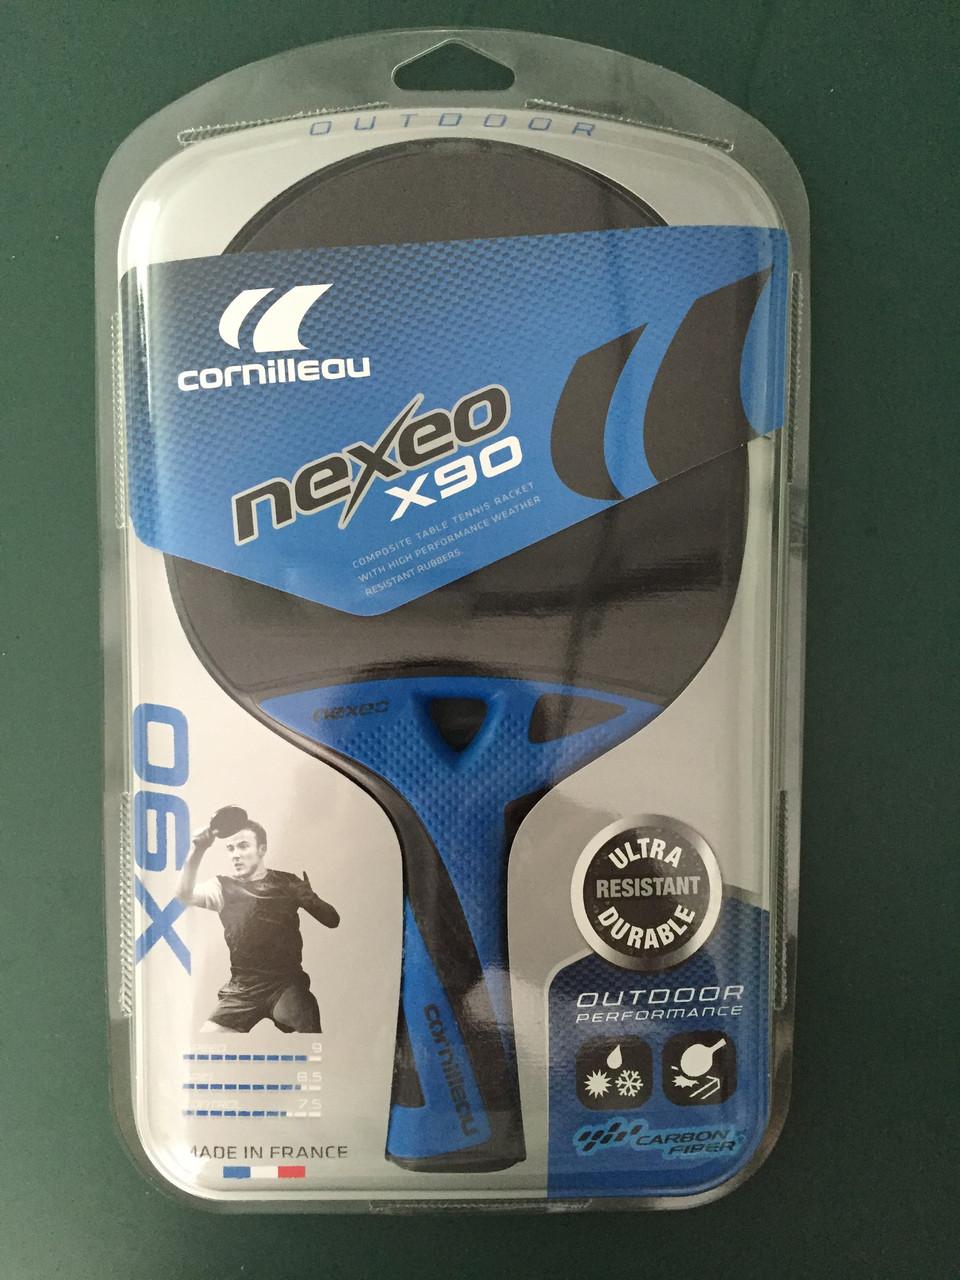 Ракетка для настольного тенниса Cornilleau Nexeo X90 Outdoor